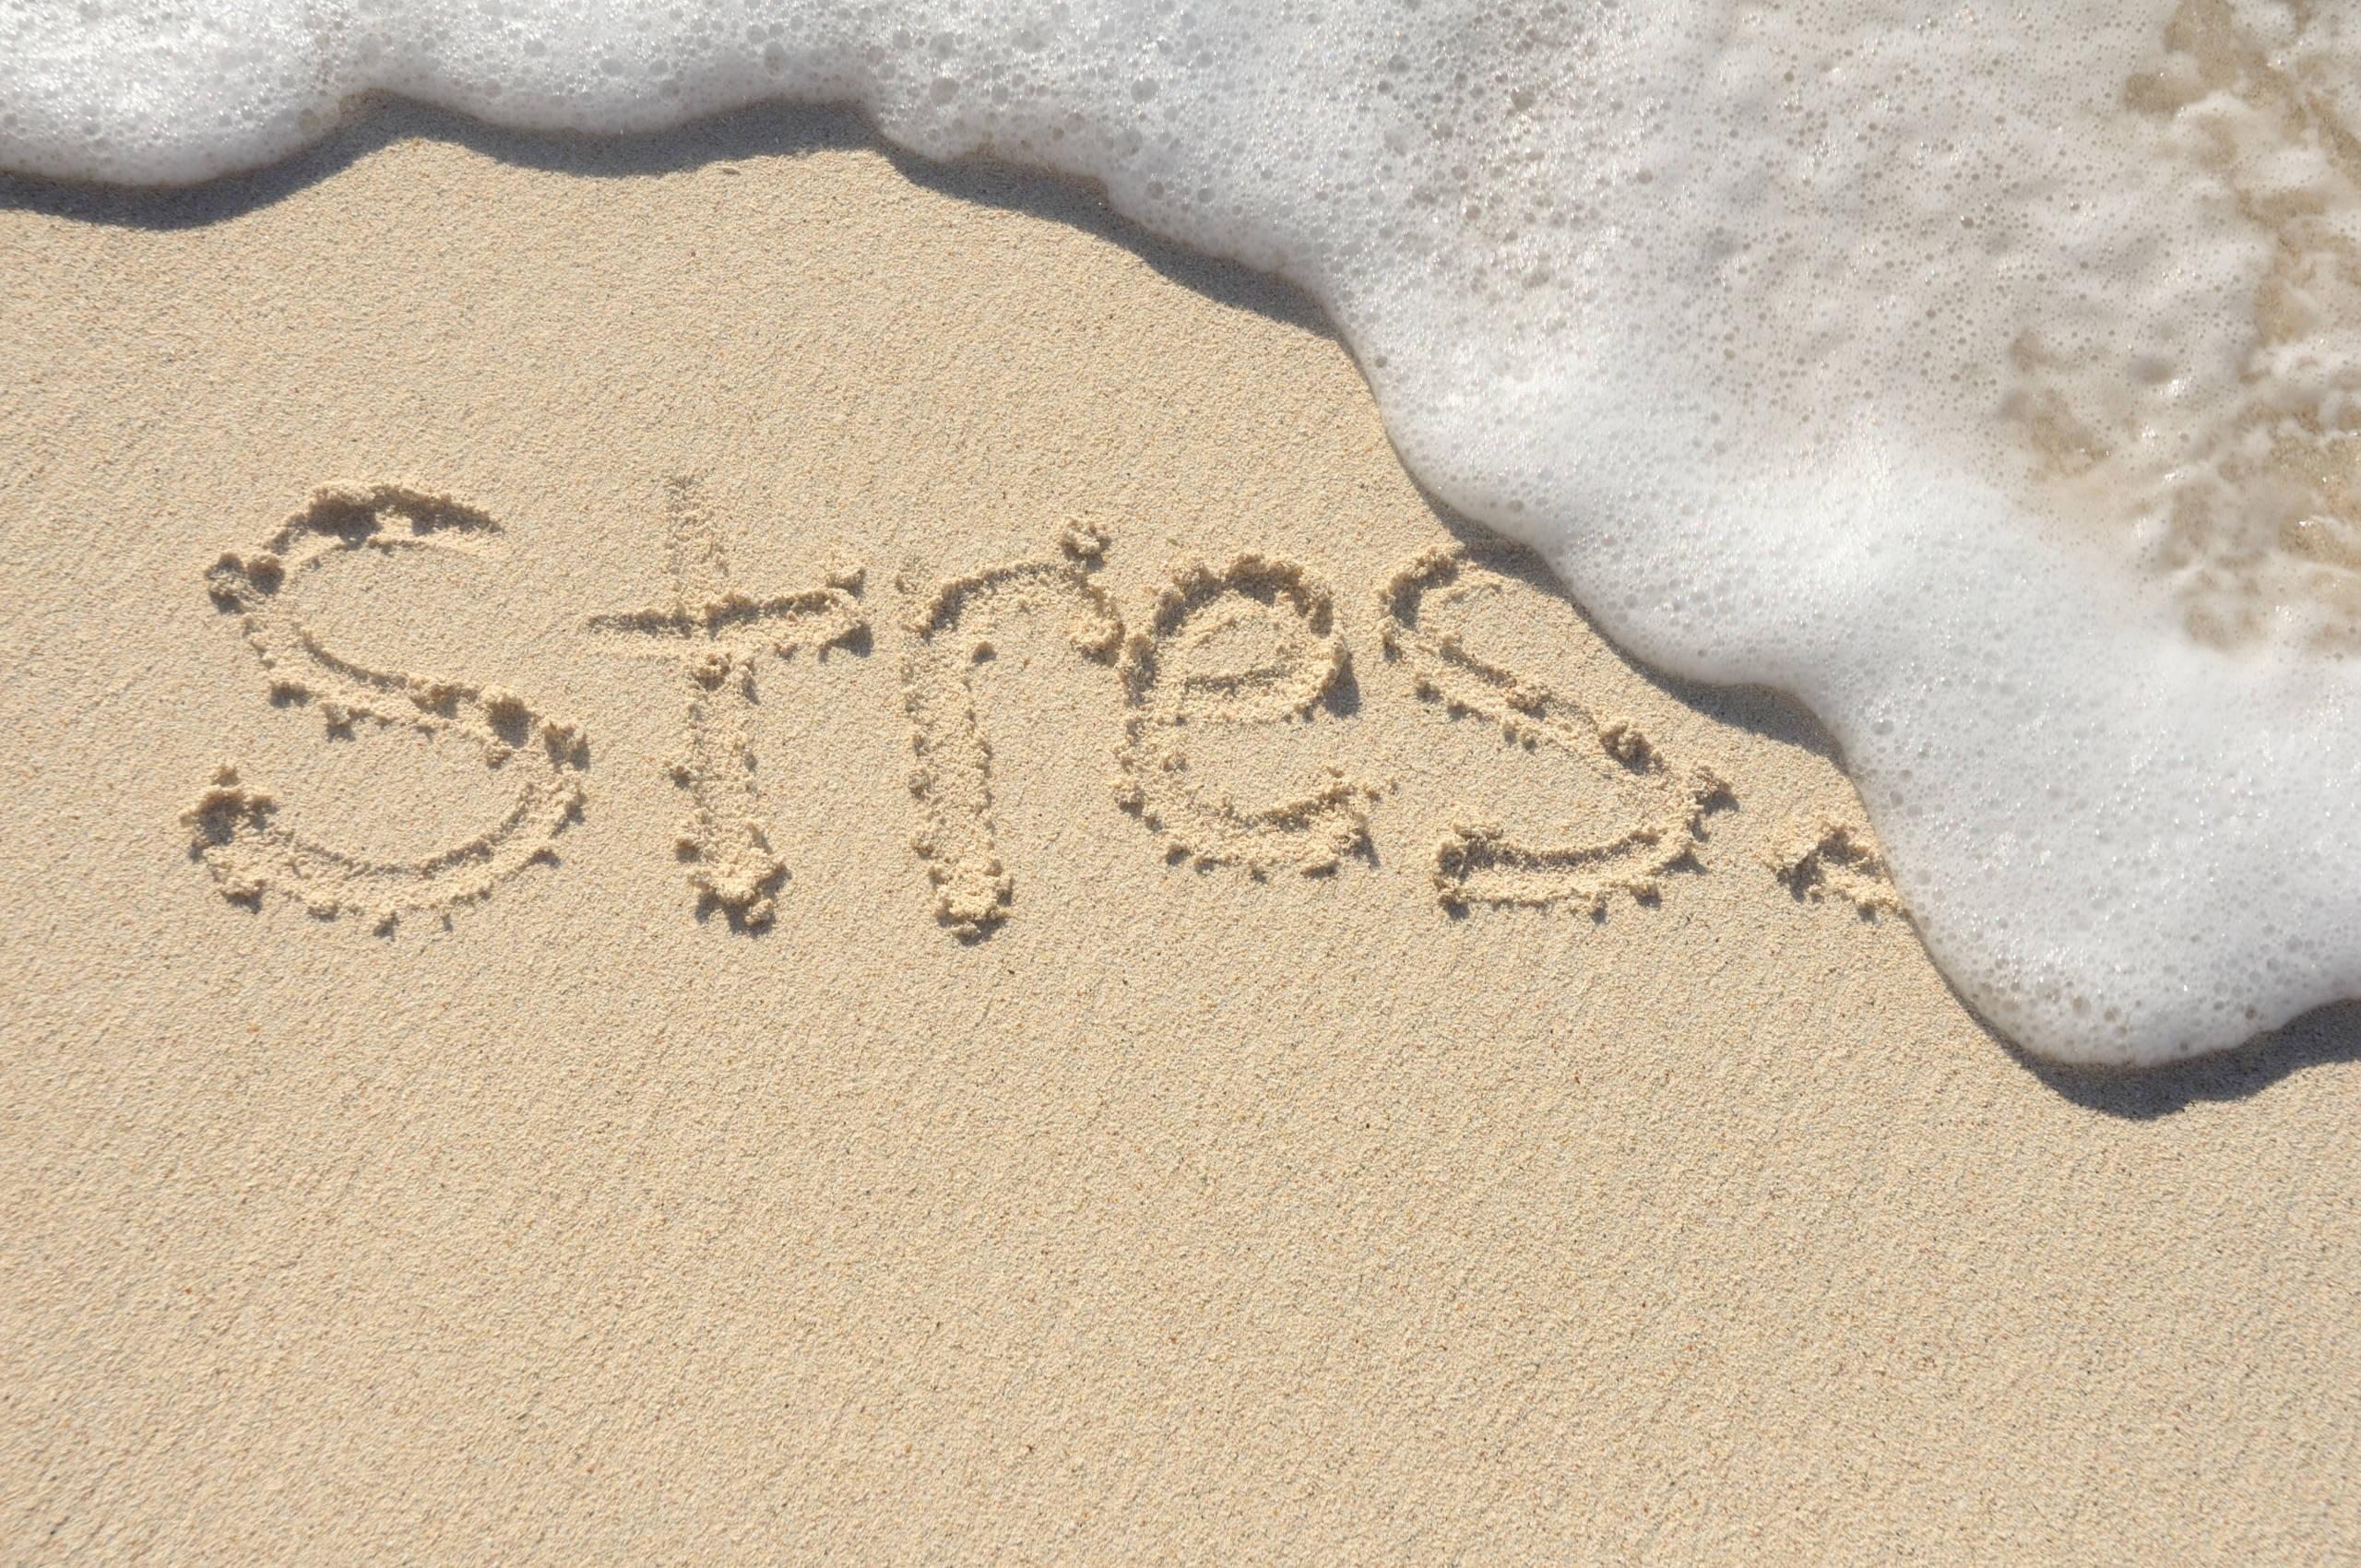 stress written in letters on a beach